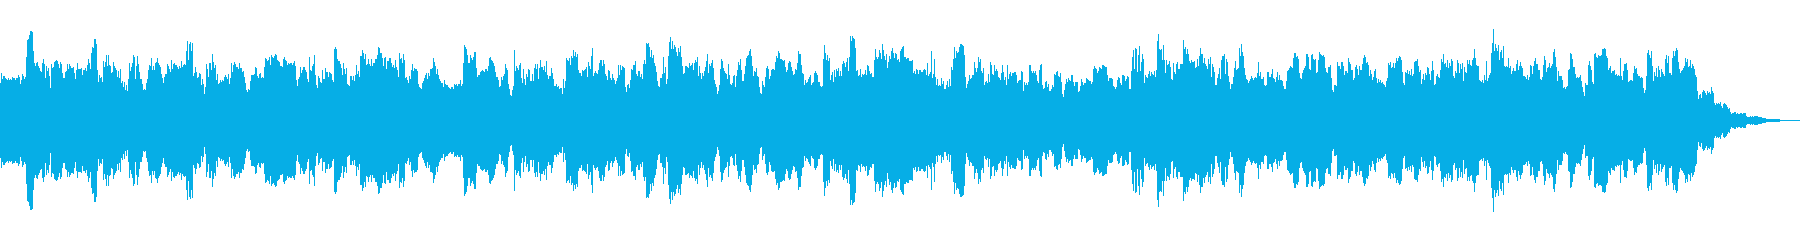 静かなる闘志のテーマ30秒BGMの再生済みの波形